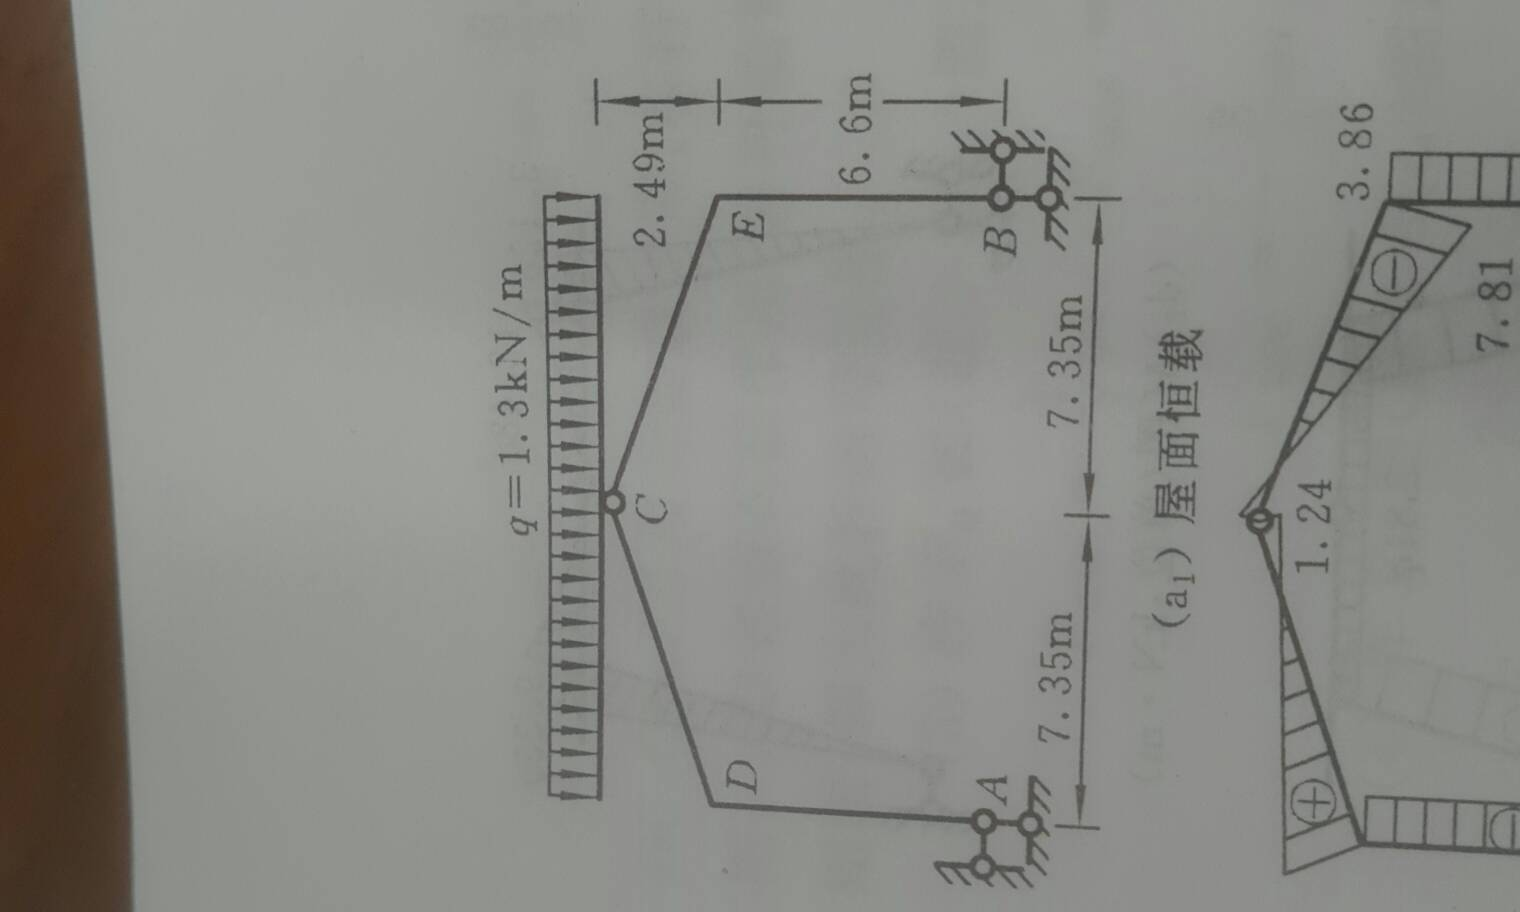 结构力学中,简直斜梁在均布荷载作用下的内力图.还有